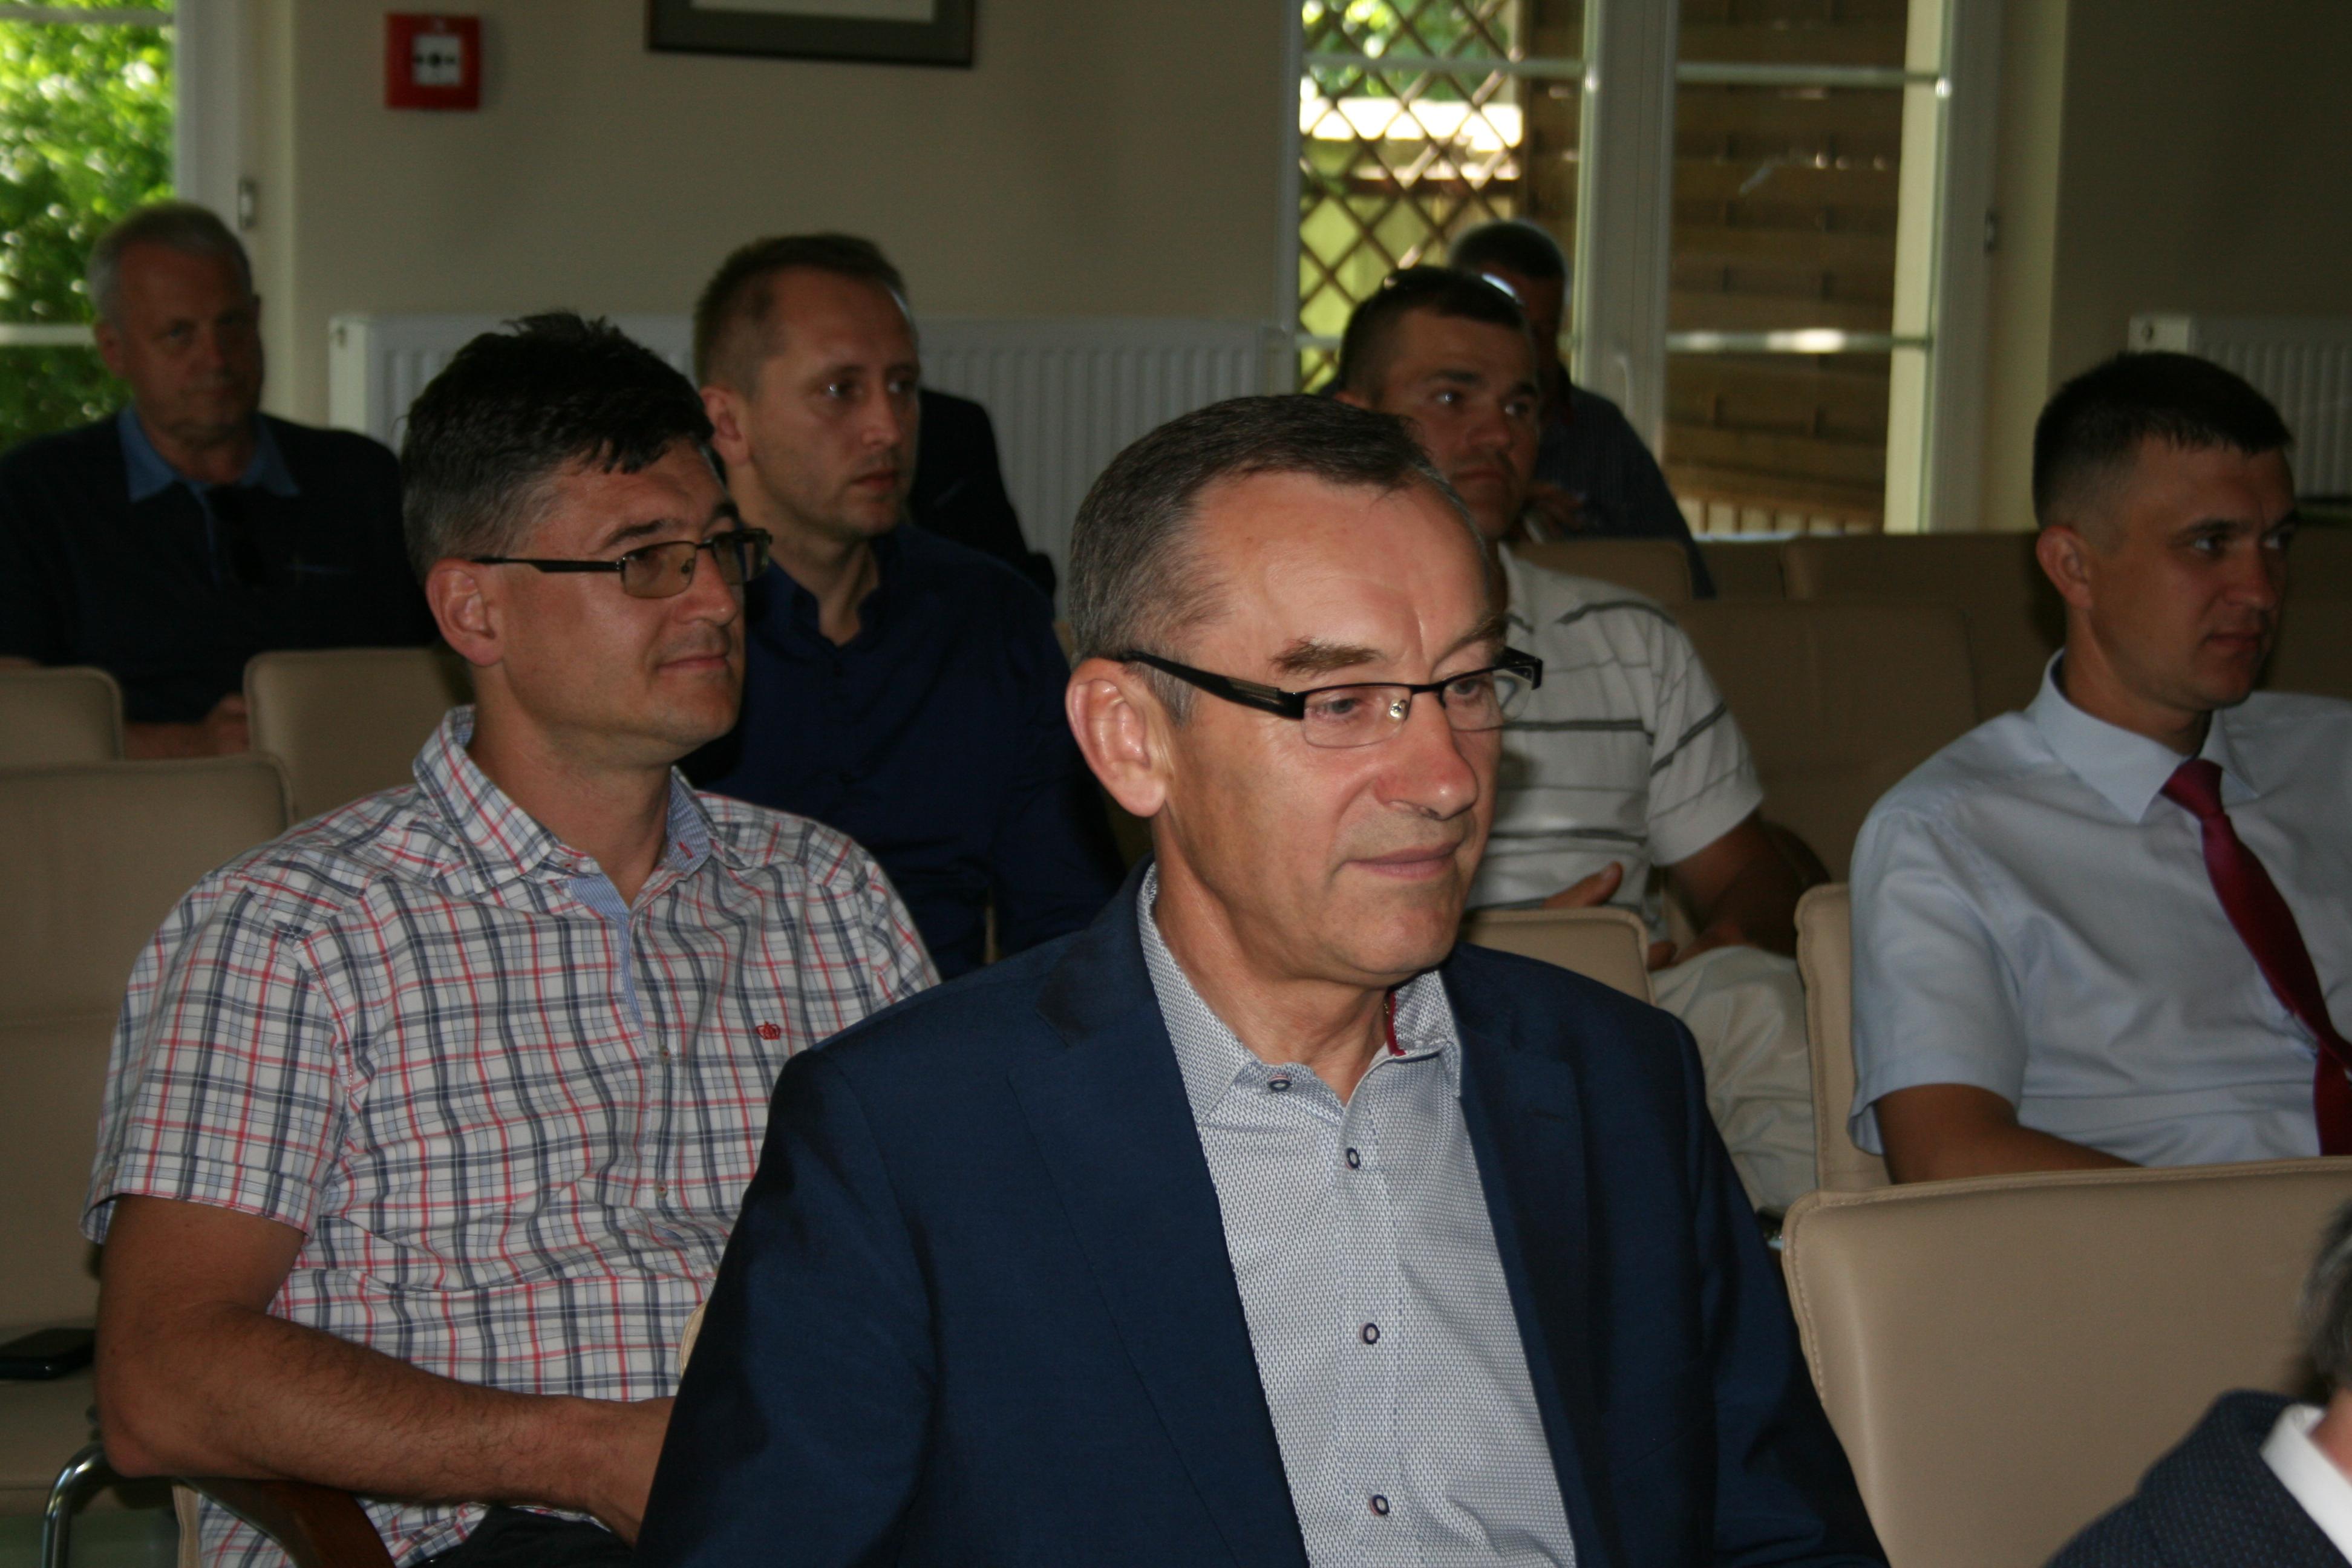 Walne Zgromadzenie sprawozdawcze Polskiego Związku Producentów Roślin Zbożowych